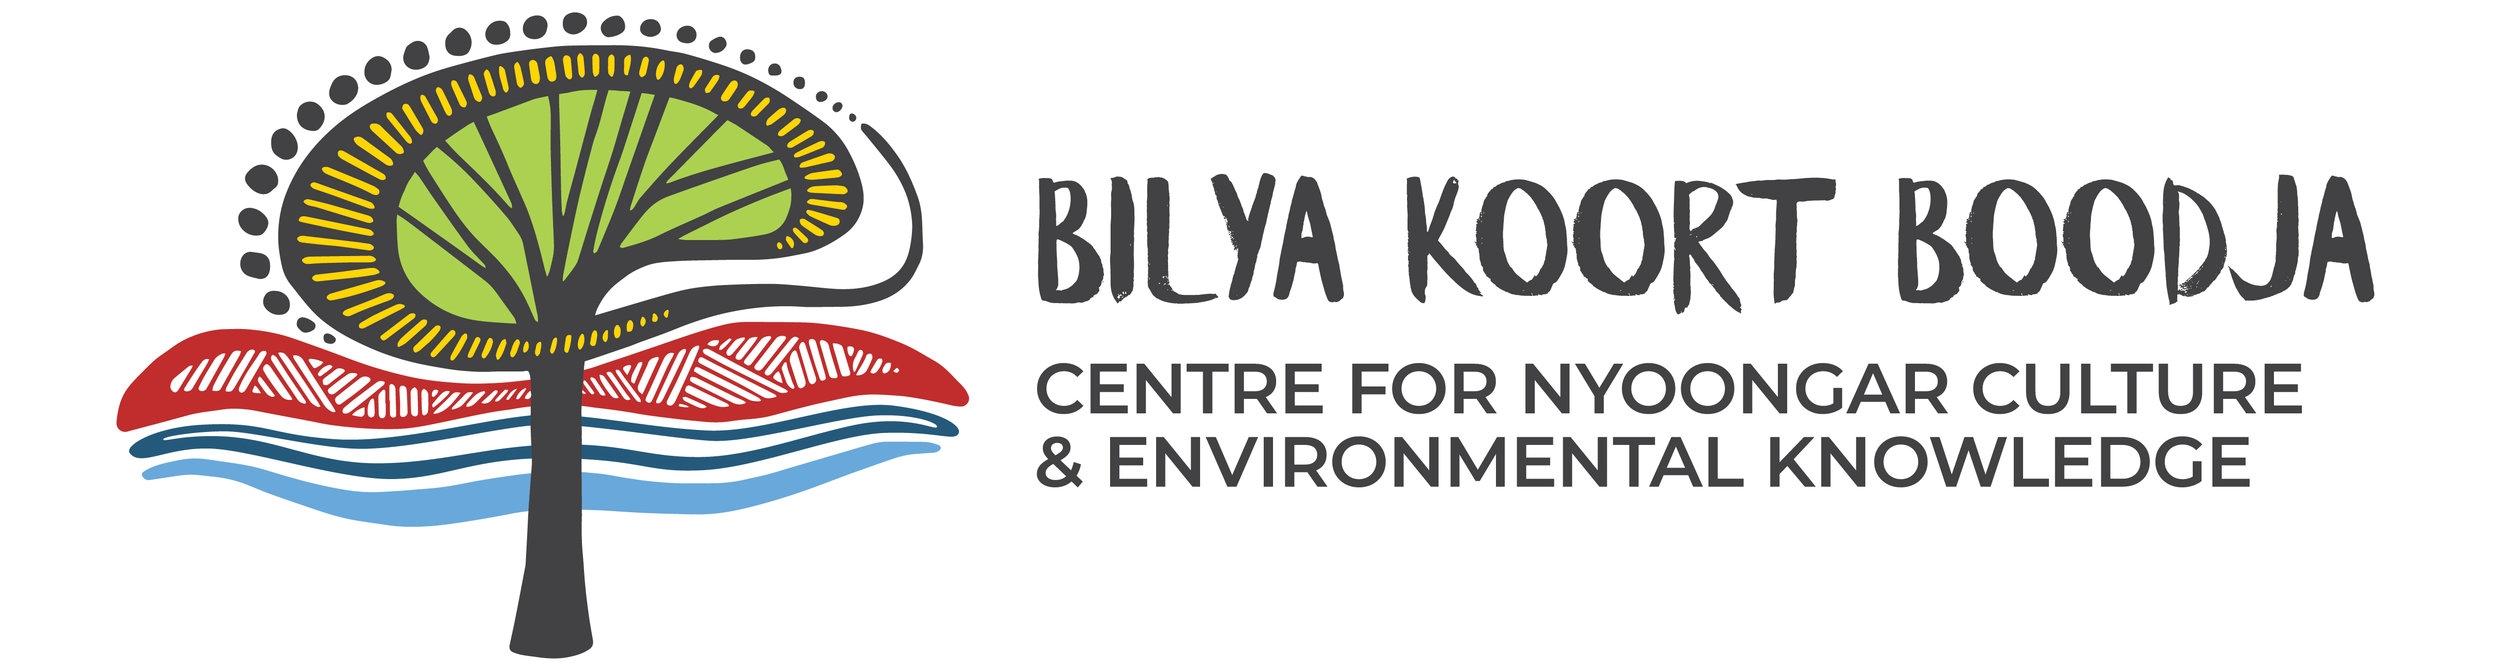 Bilya Koort Boodja; BKB Centre